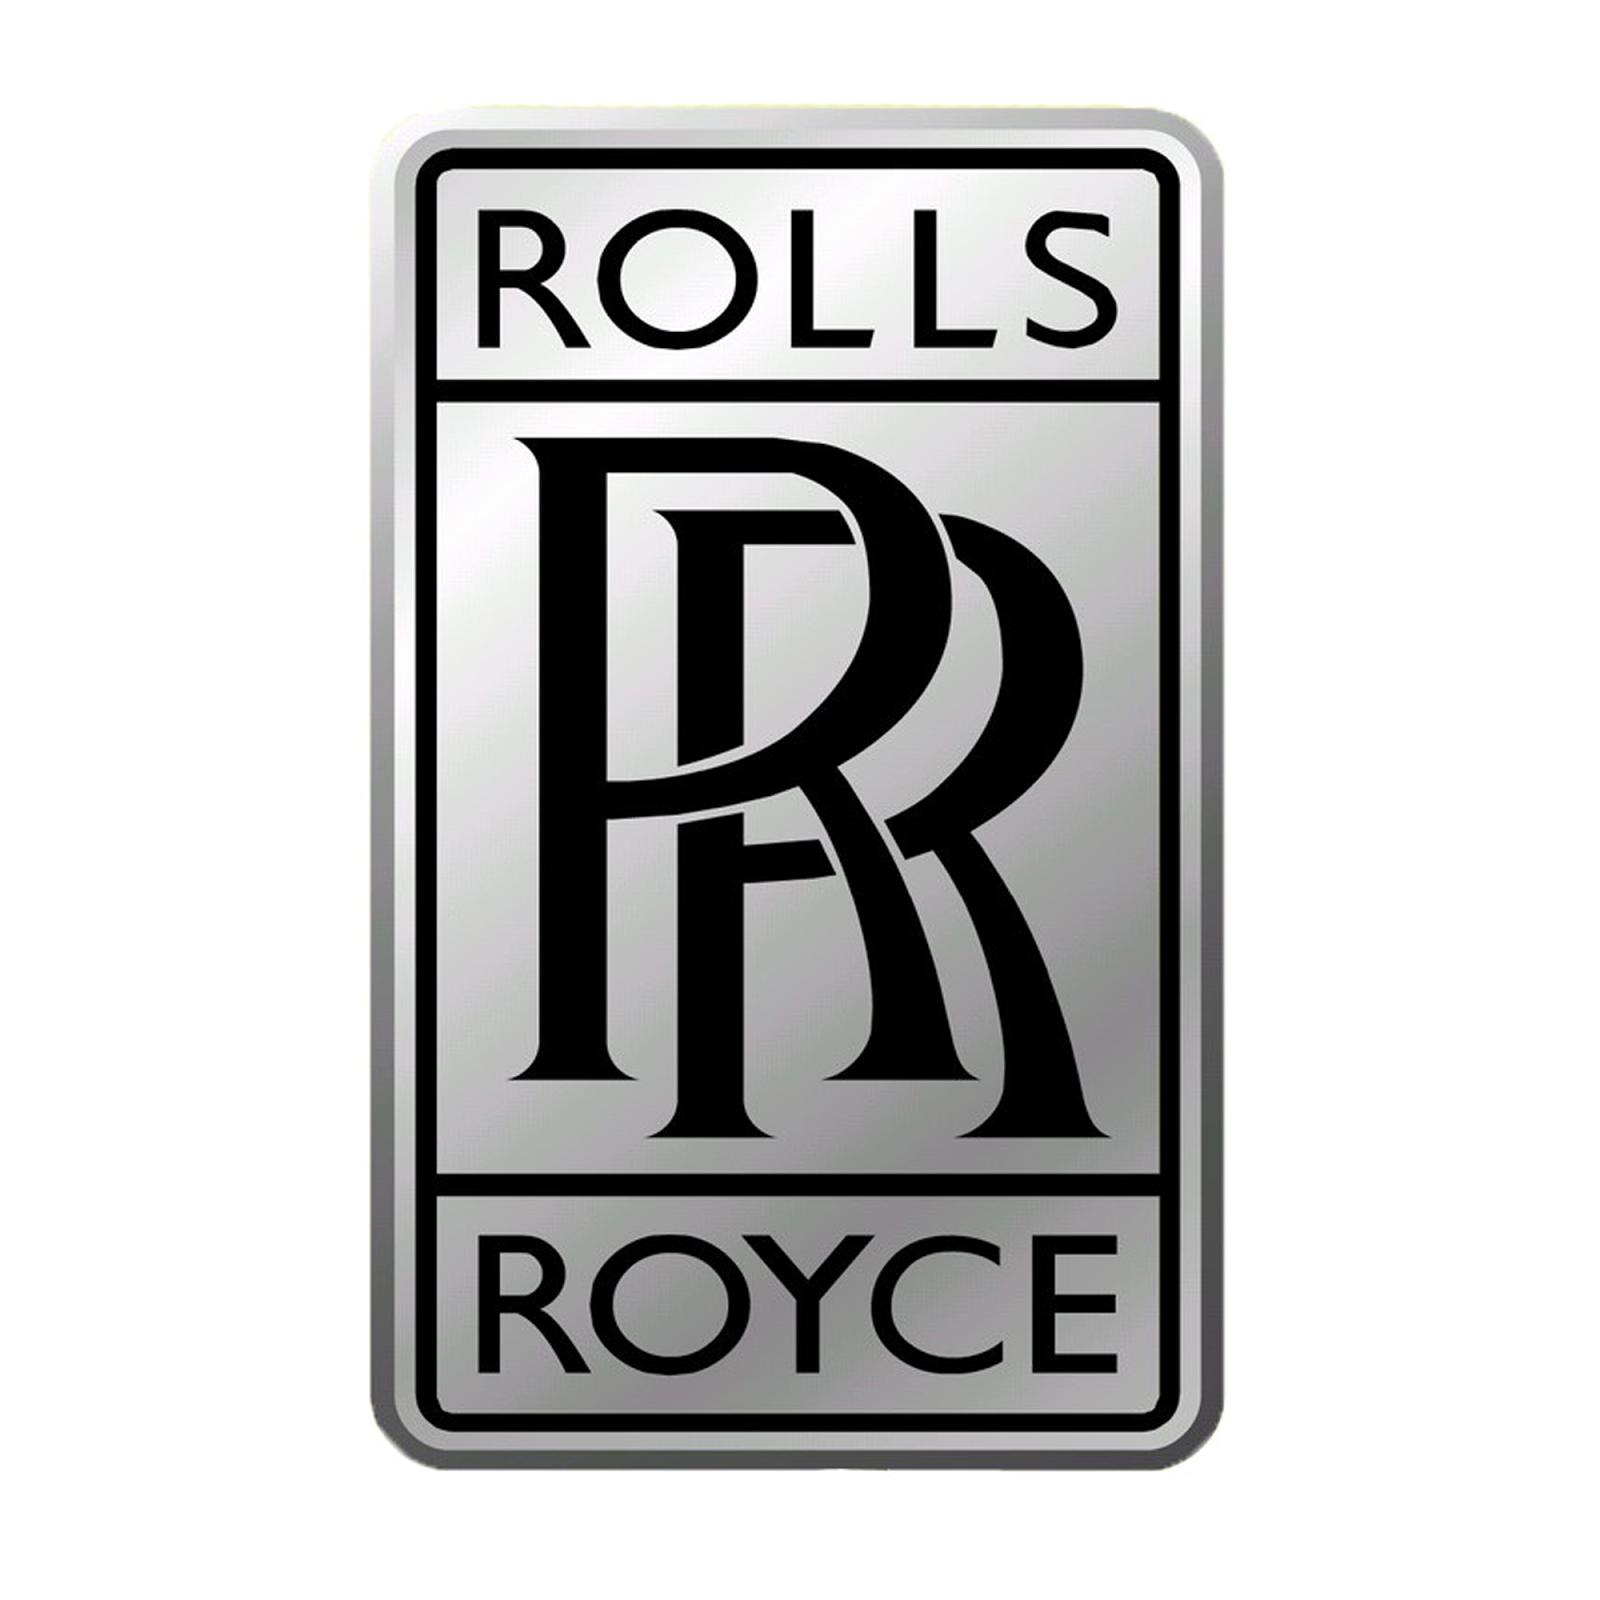 automotive database rolls royce motor cars. Black Bedroom Furniture Sets. Home Design Ideas